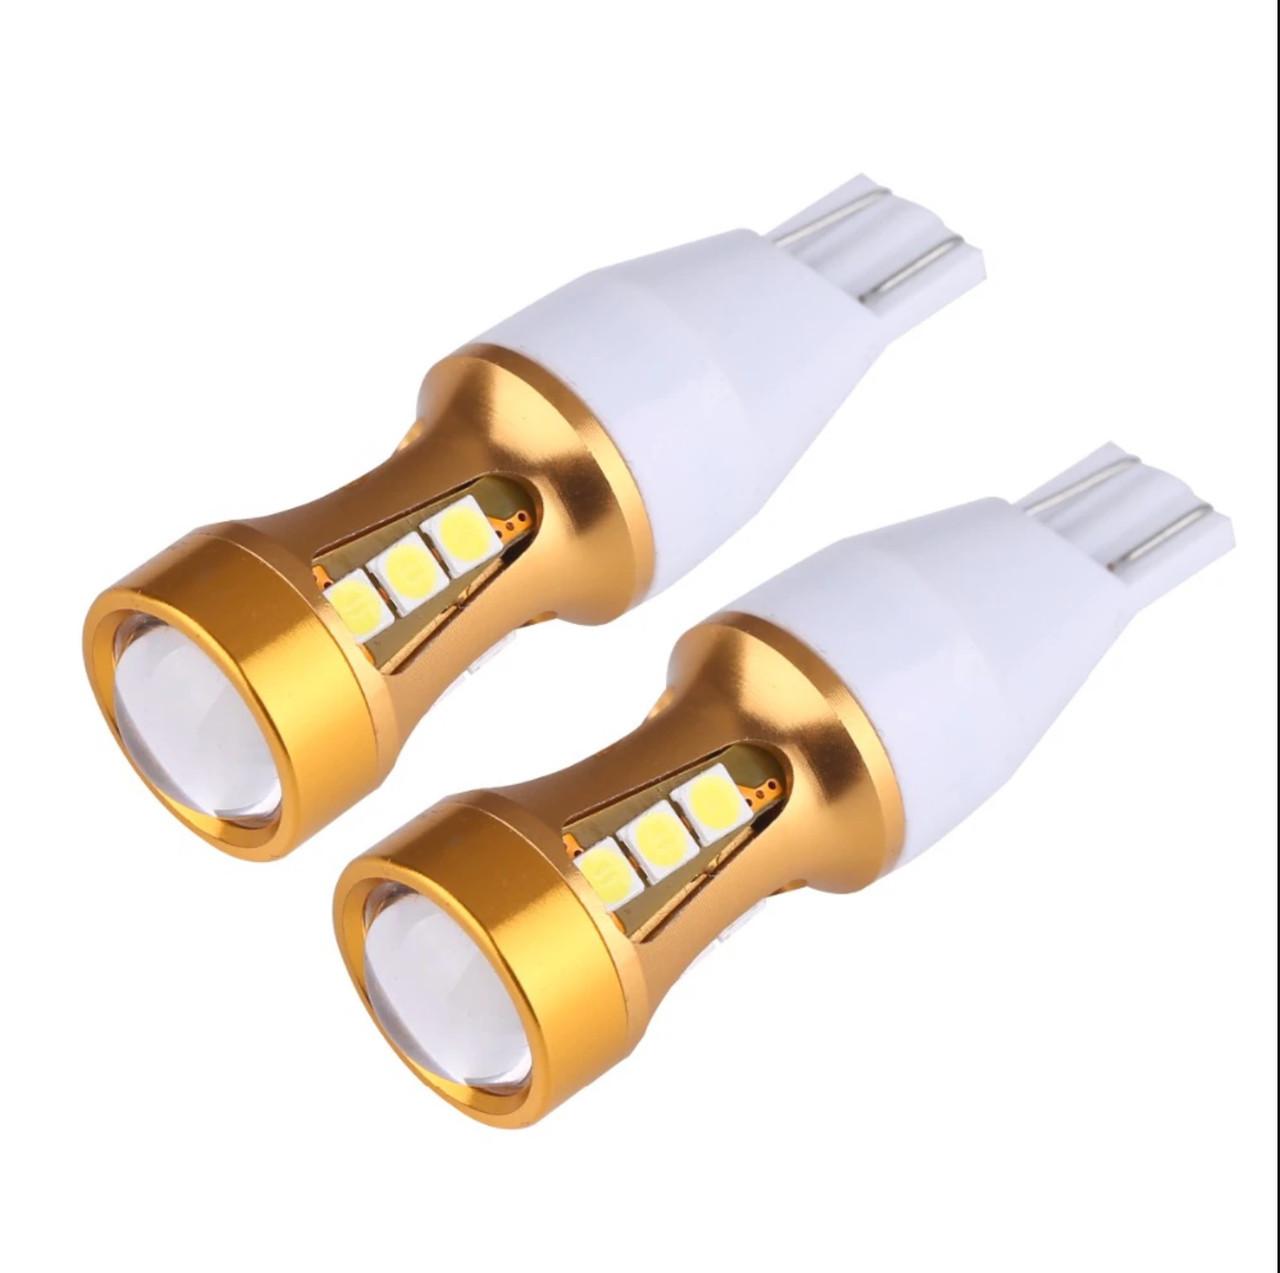 Автомобильные светодиодные лампы AutoApp. Светодиодная лампа повышенной мощности 488 T10 15 led with lens Canbus